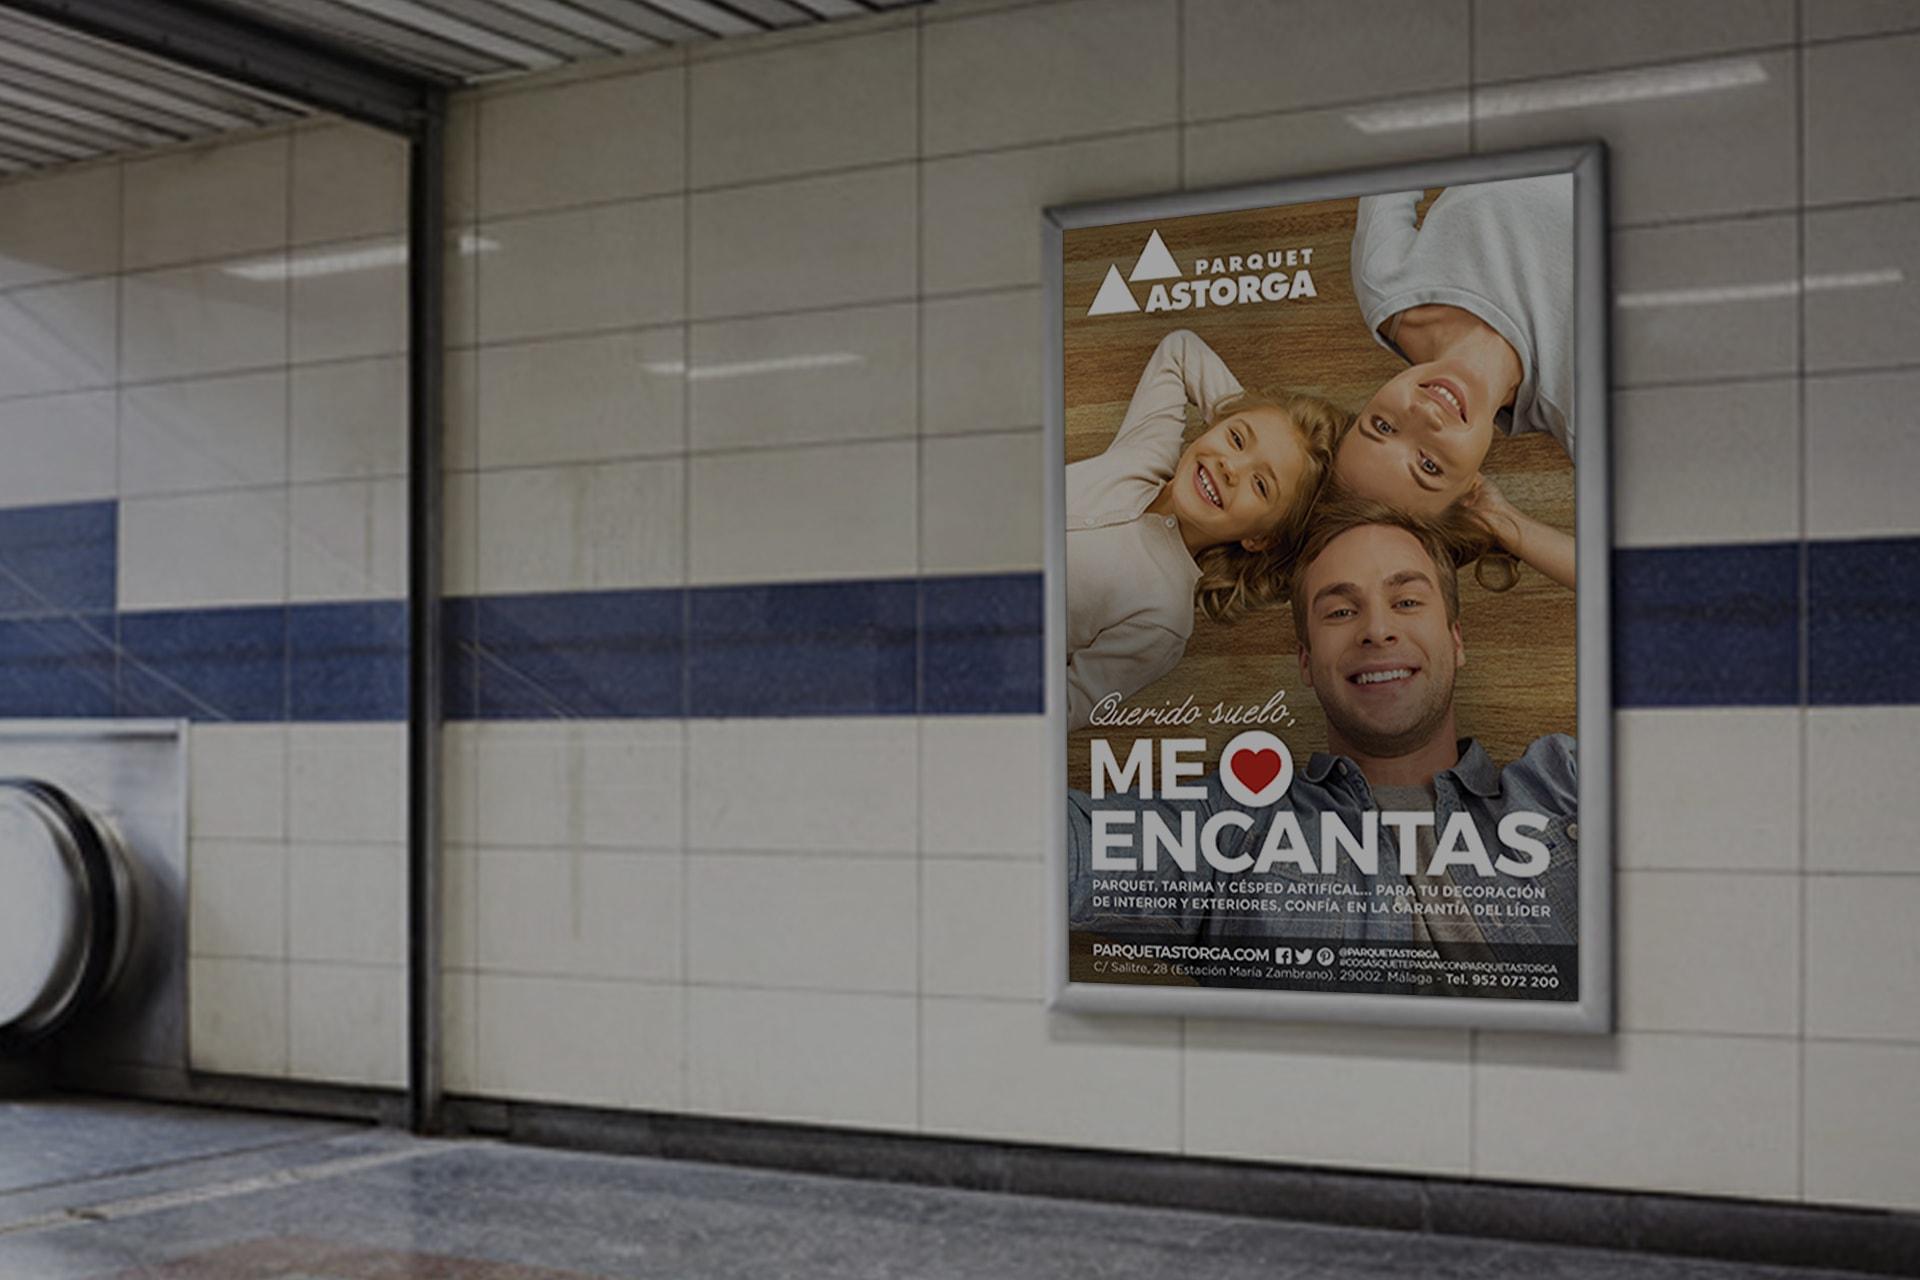 creatividad campaña Astorga- diseño de mobiliario urbano- An Publicidad